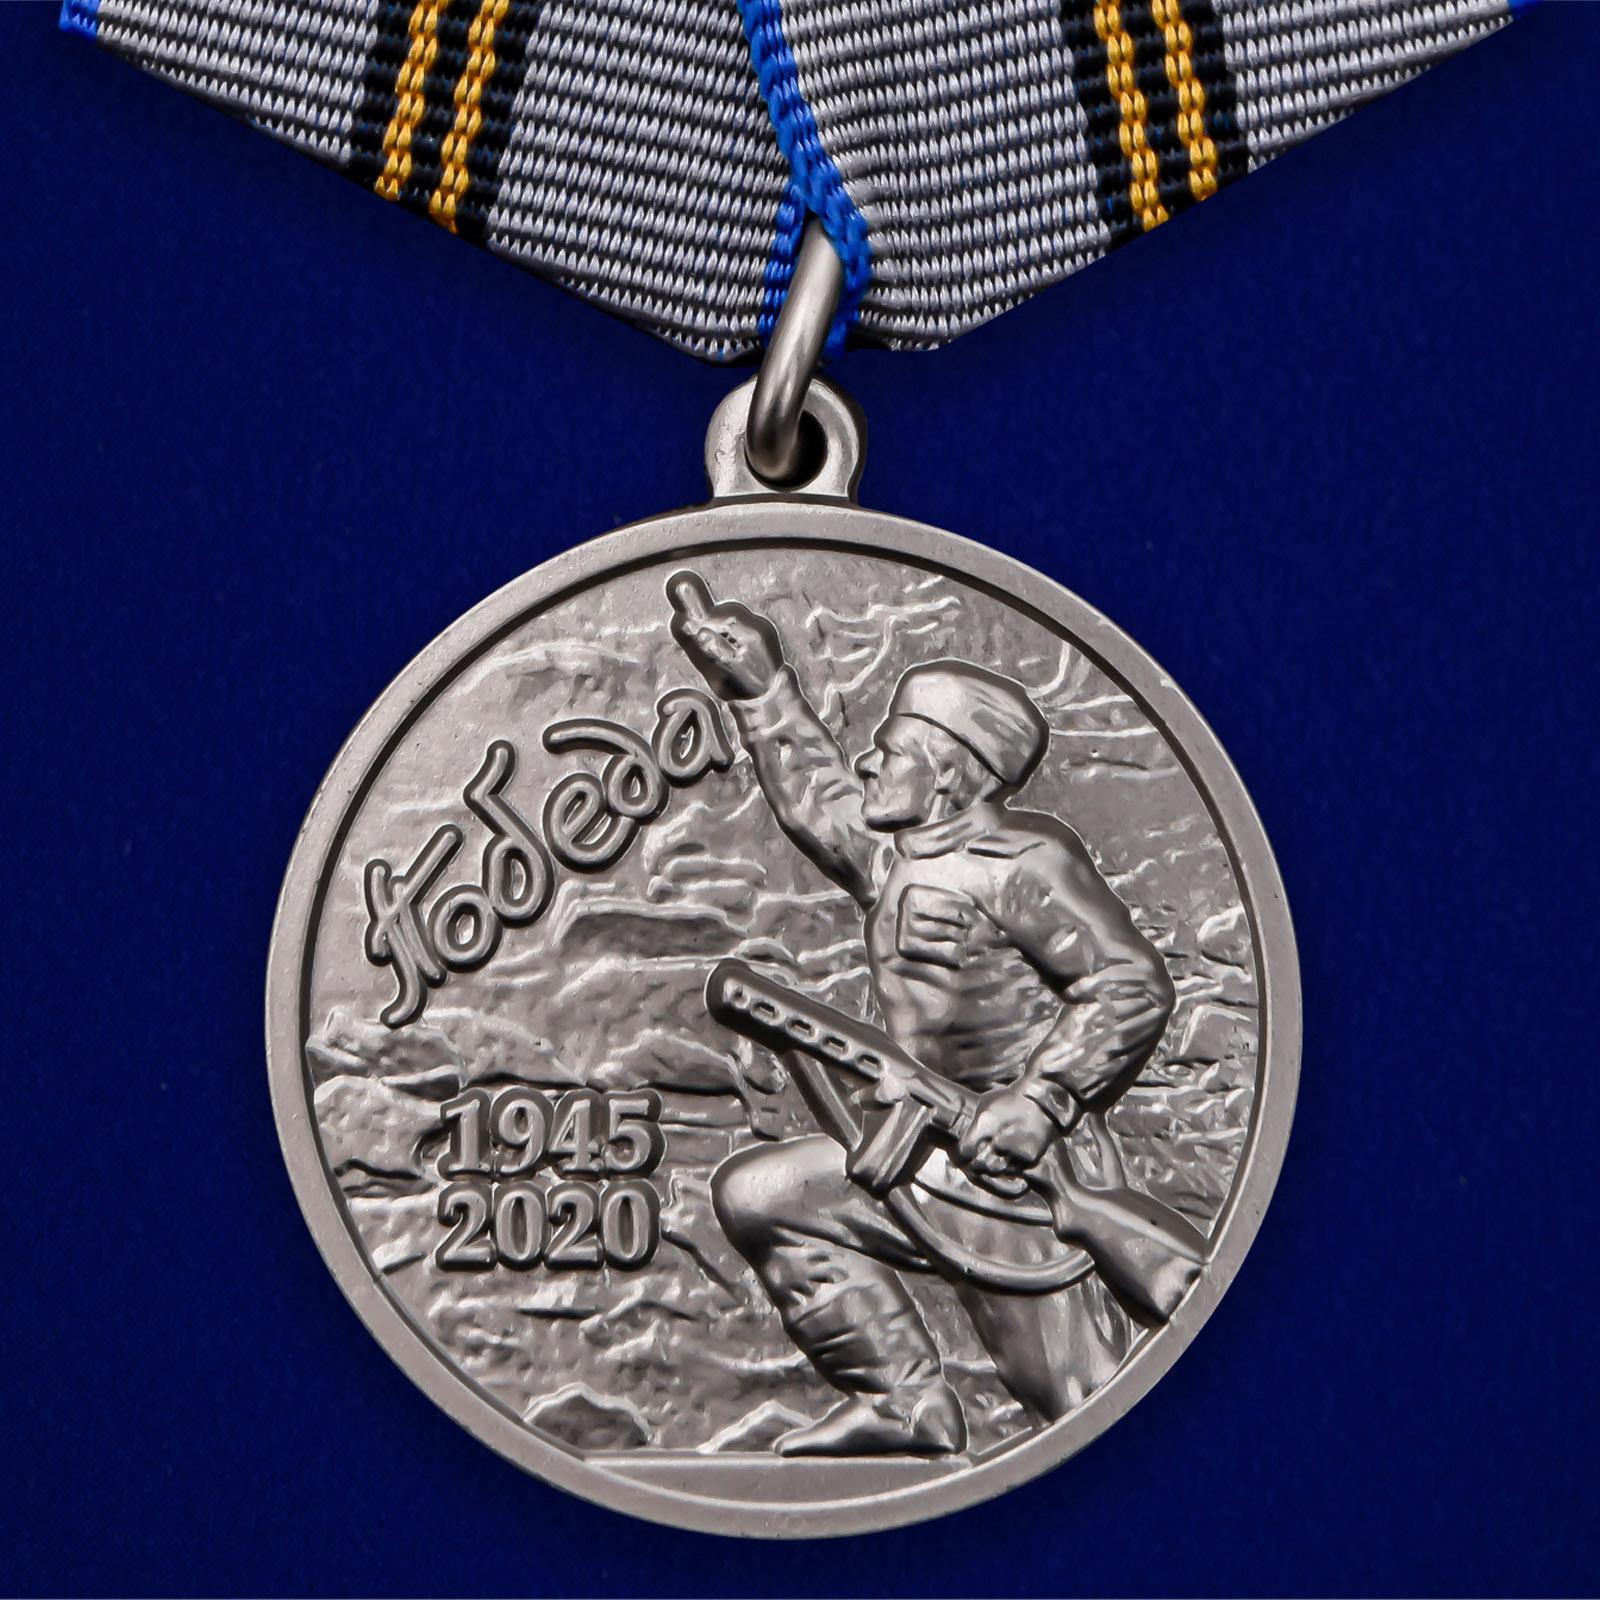 Купить медаль День Победы в ВОВ 1941-1945 гг. на подставке с доставкой